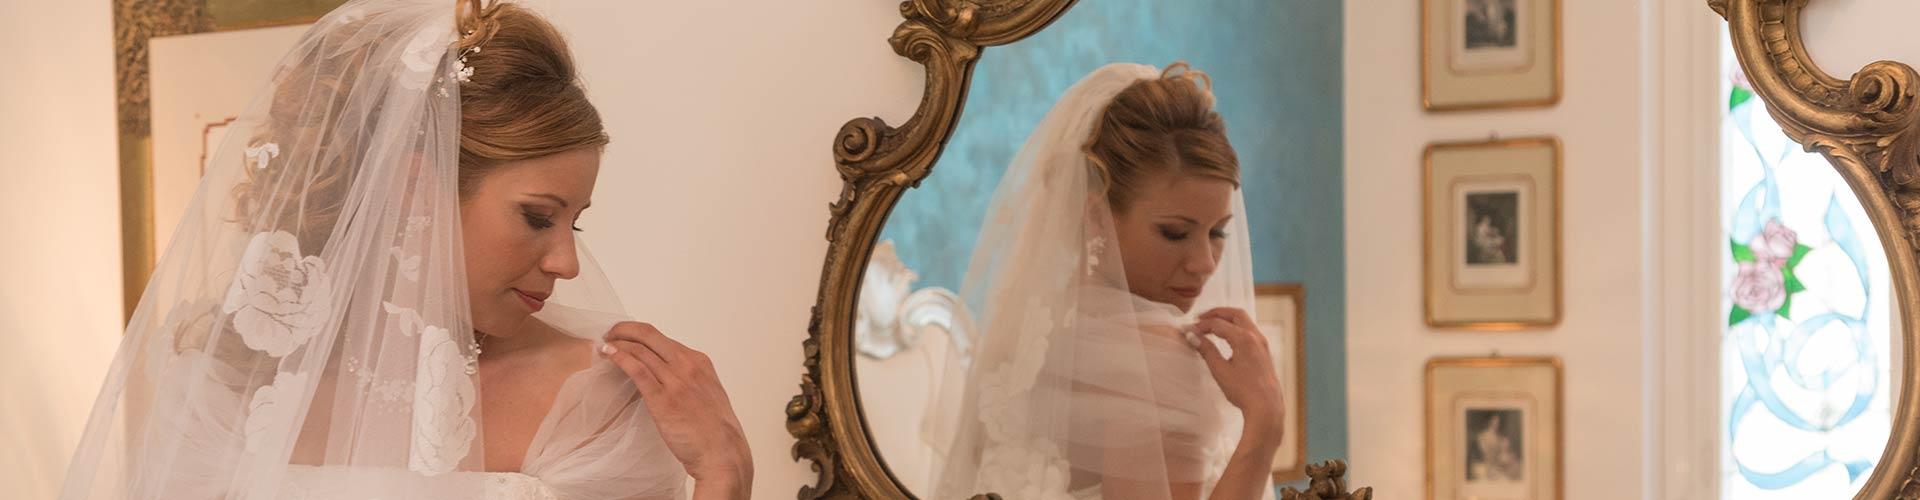 piero-gatti-fotografo-matrimonio-lago-maggiore